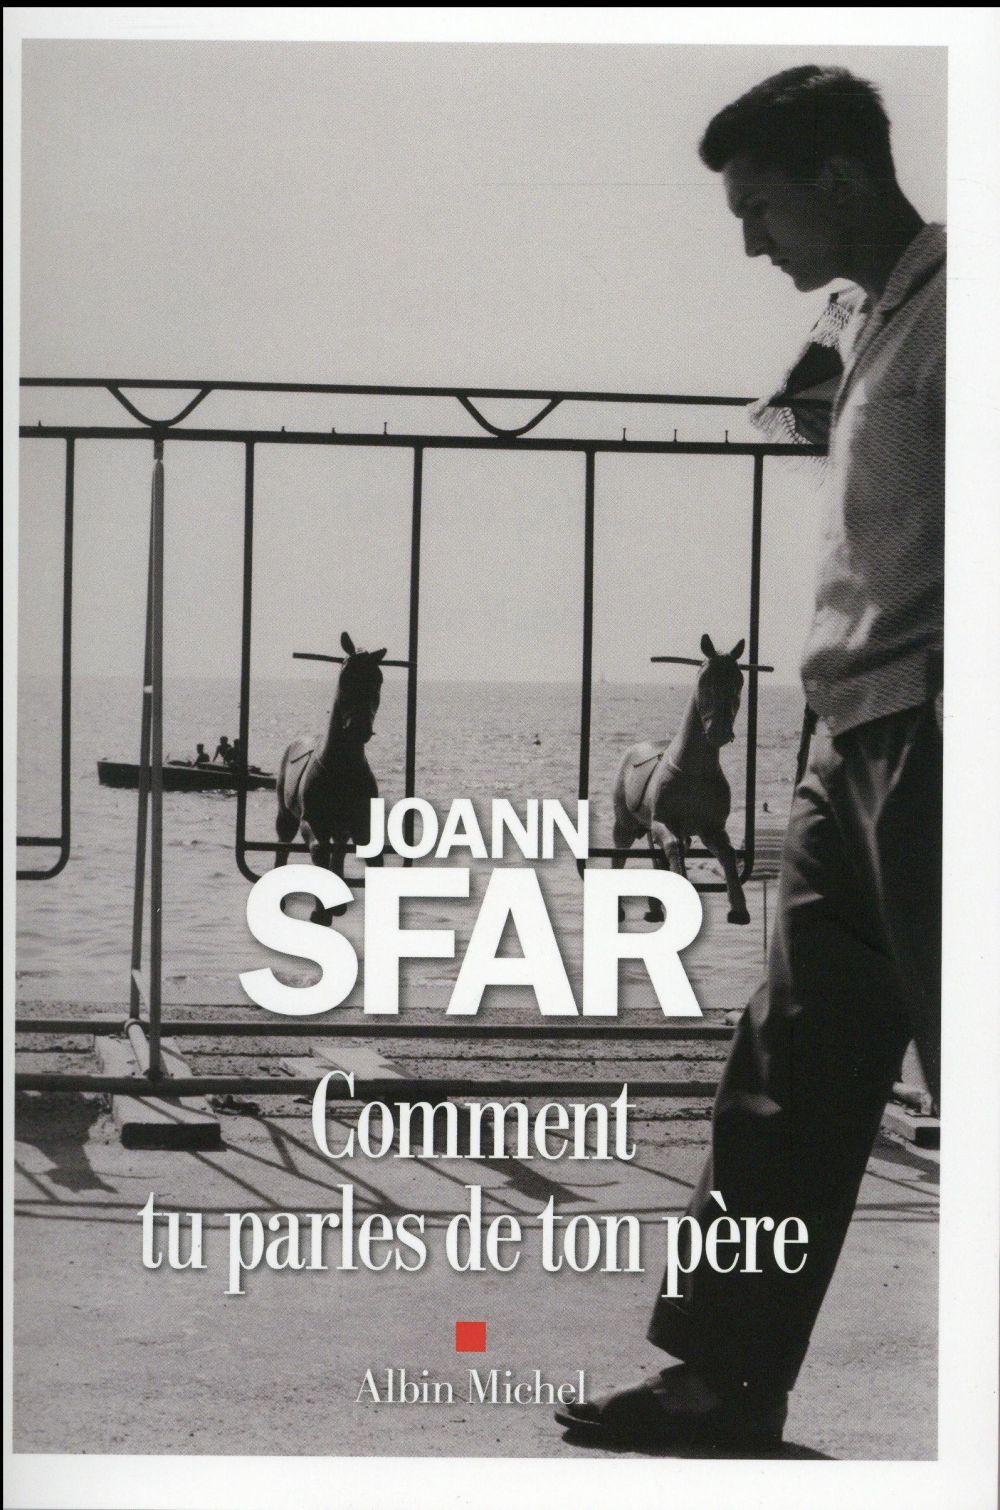 """Lecteur du mois : en septembre Jean-Paul a lu """"Comment tu parles de ton père"""" de Joann Sfar"""